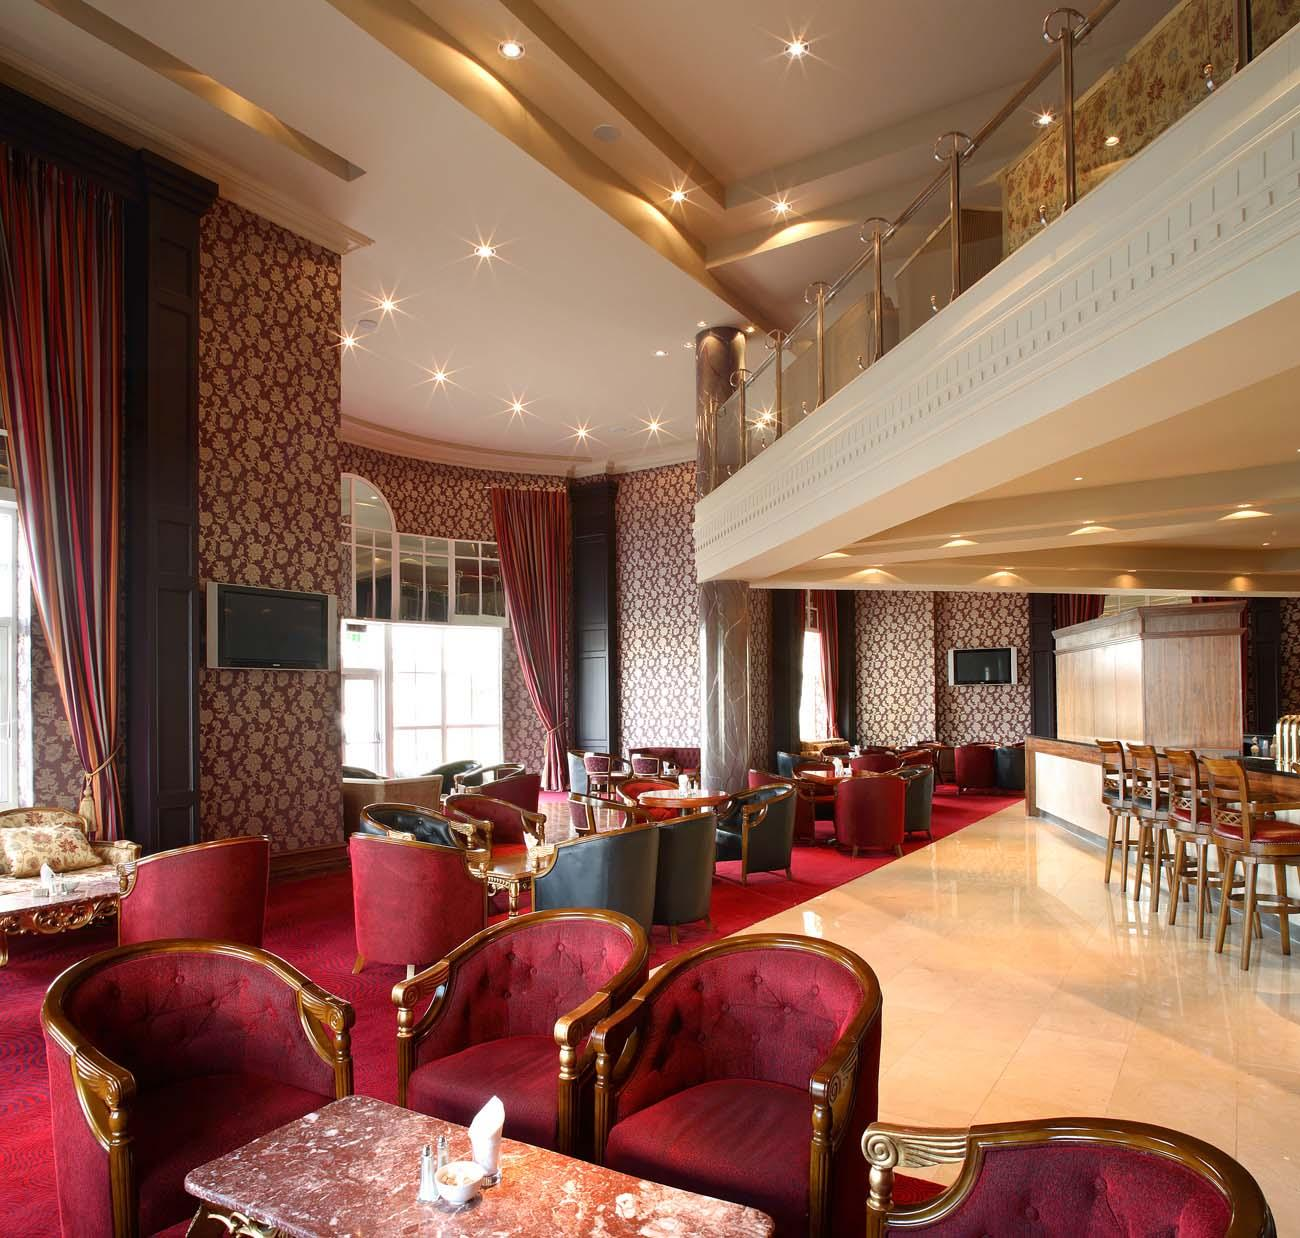 Knightbrook-hotel-restaurant